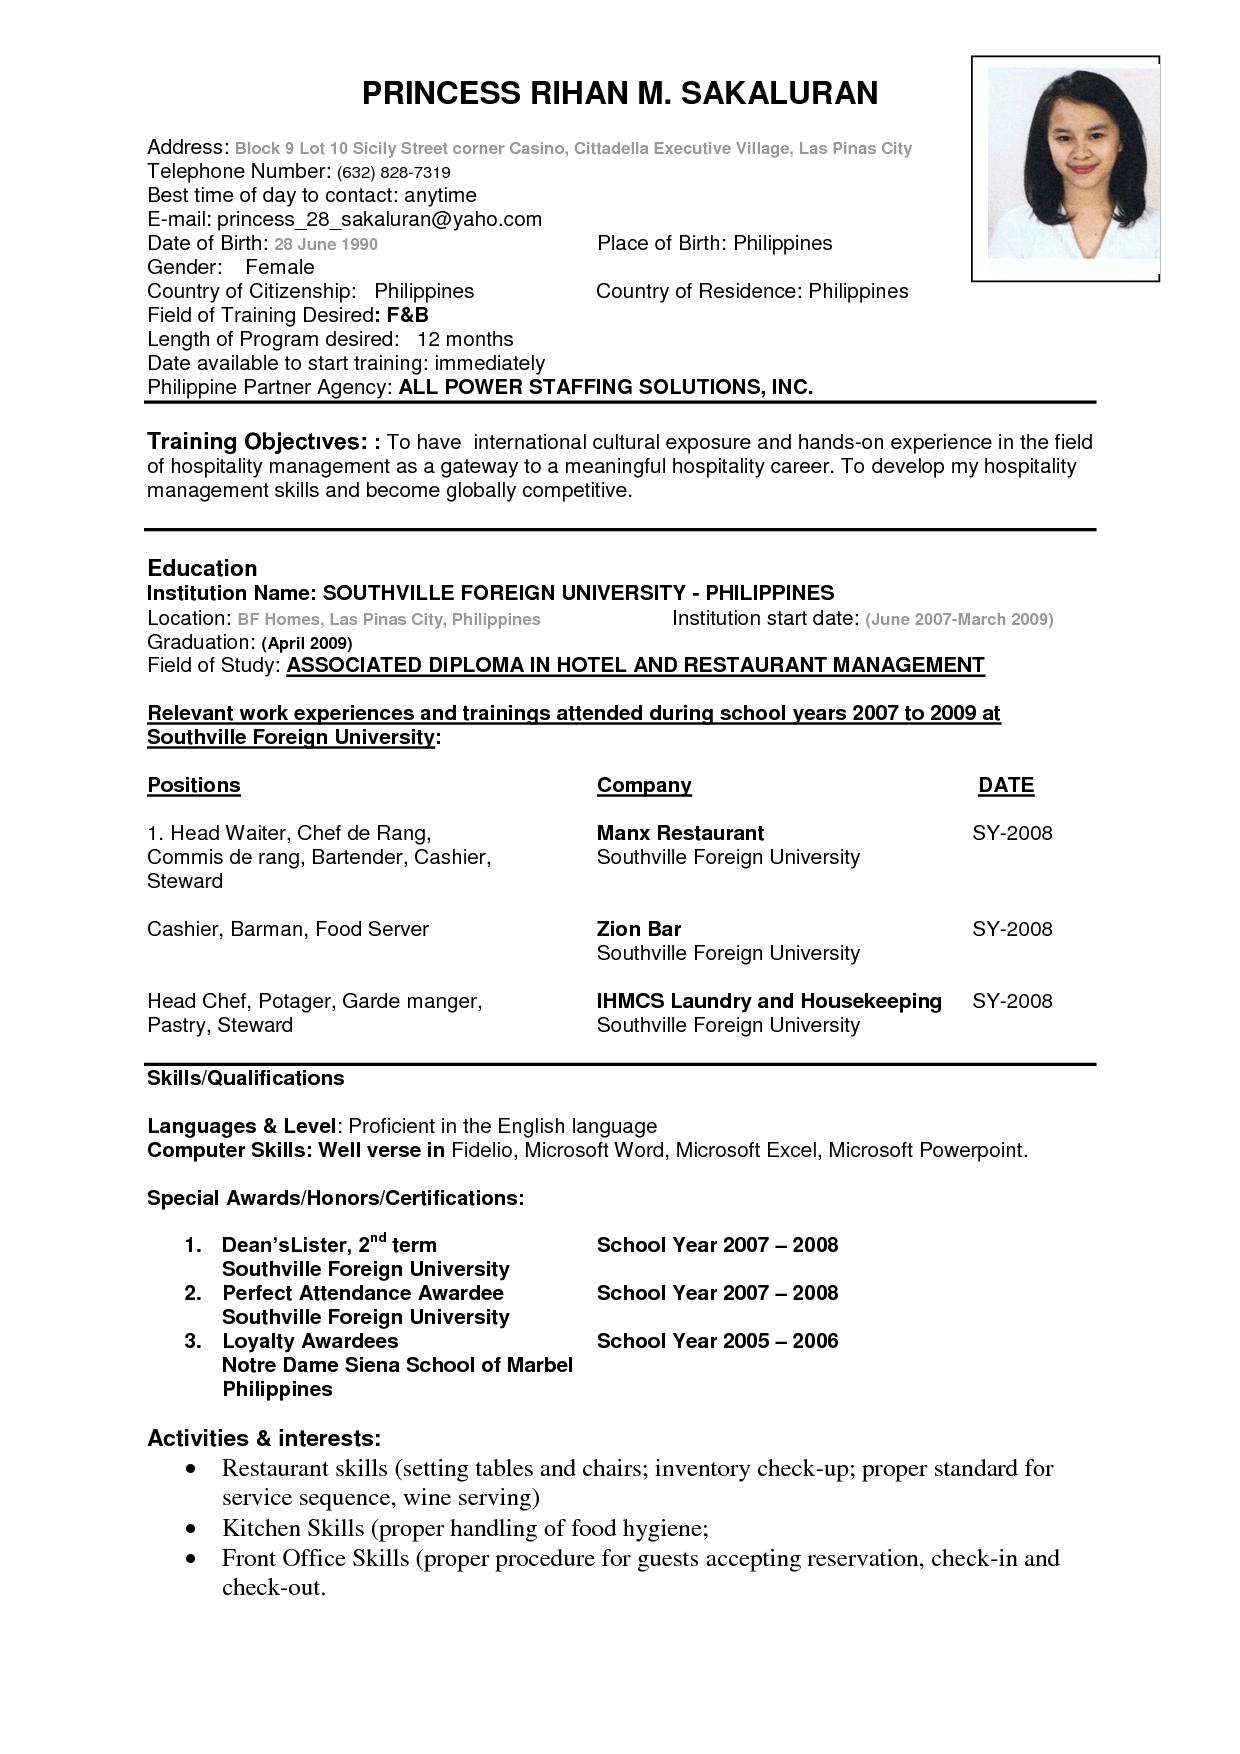 resume for job application sample resume format for job